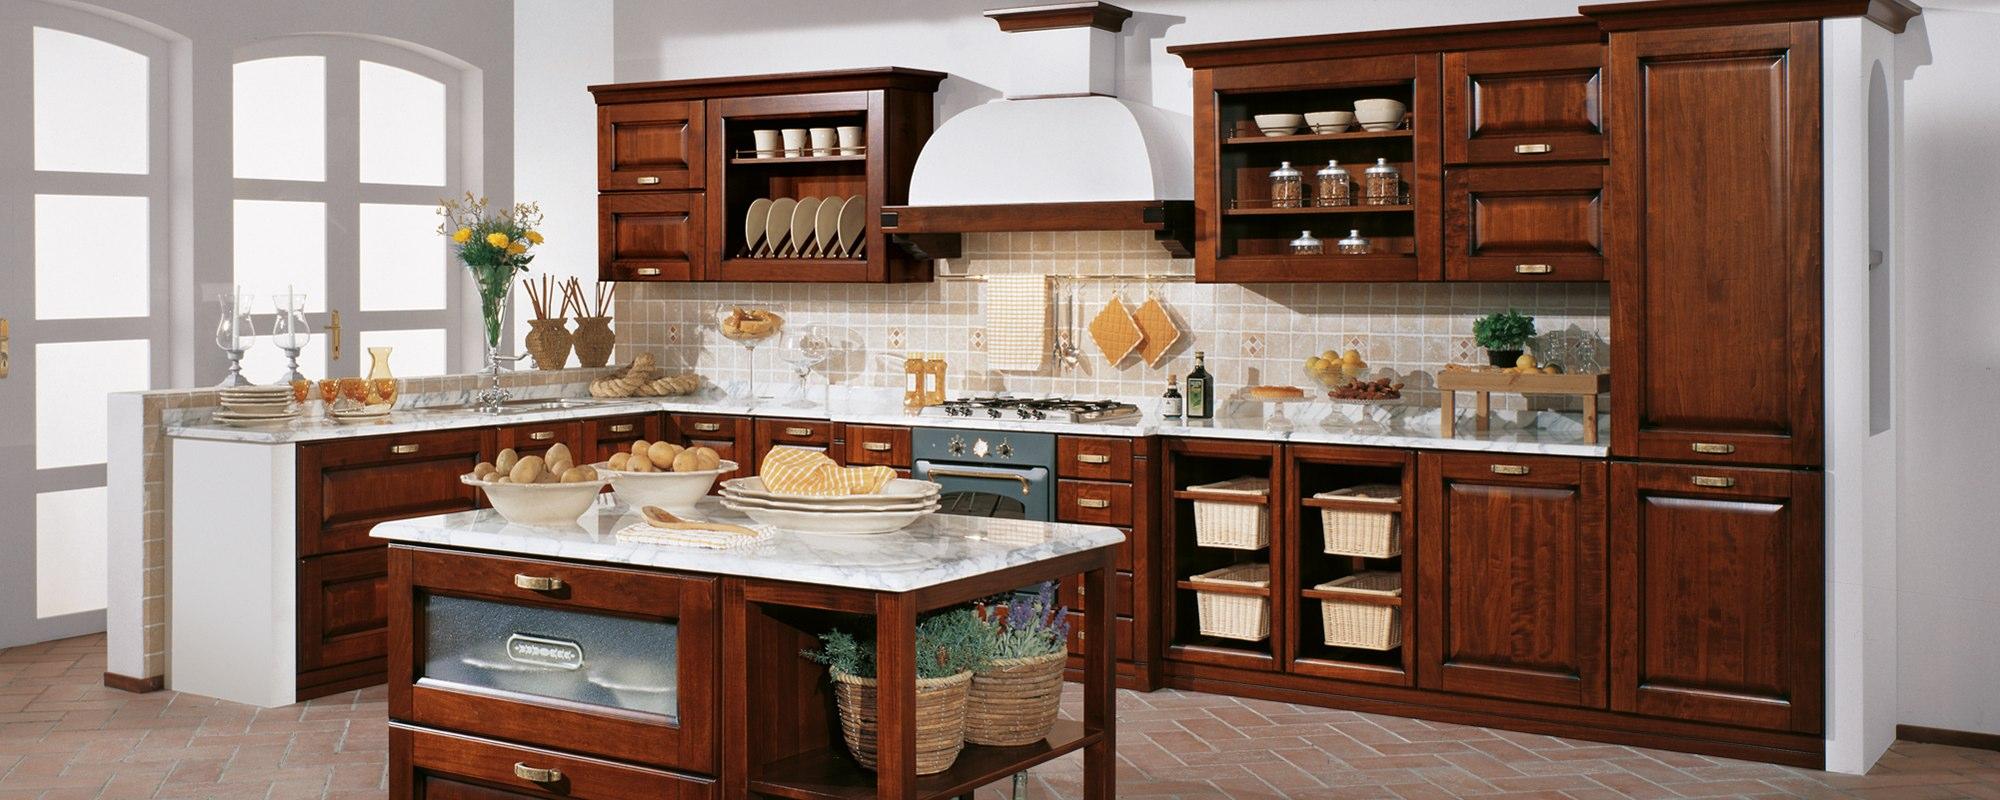 stosa-cucine-classiche-malaga-cagliari-51 | Cucine Cagliari ...